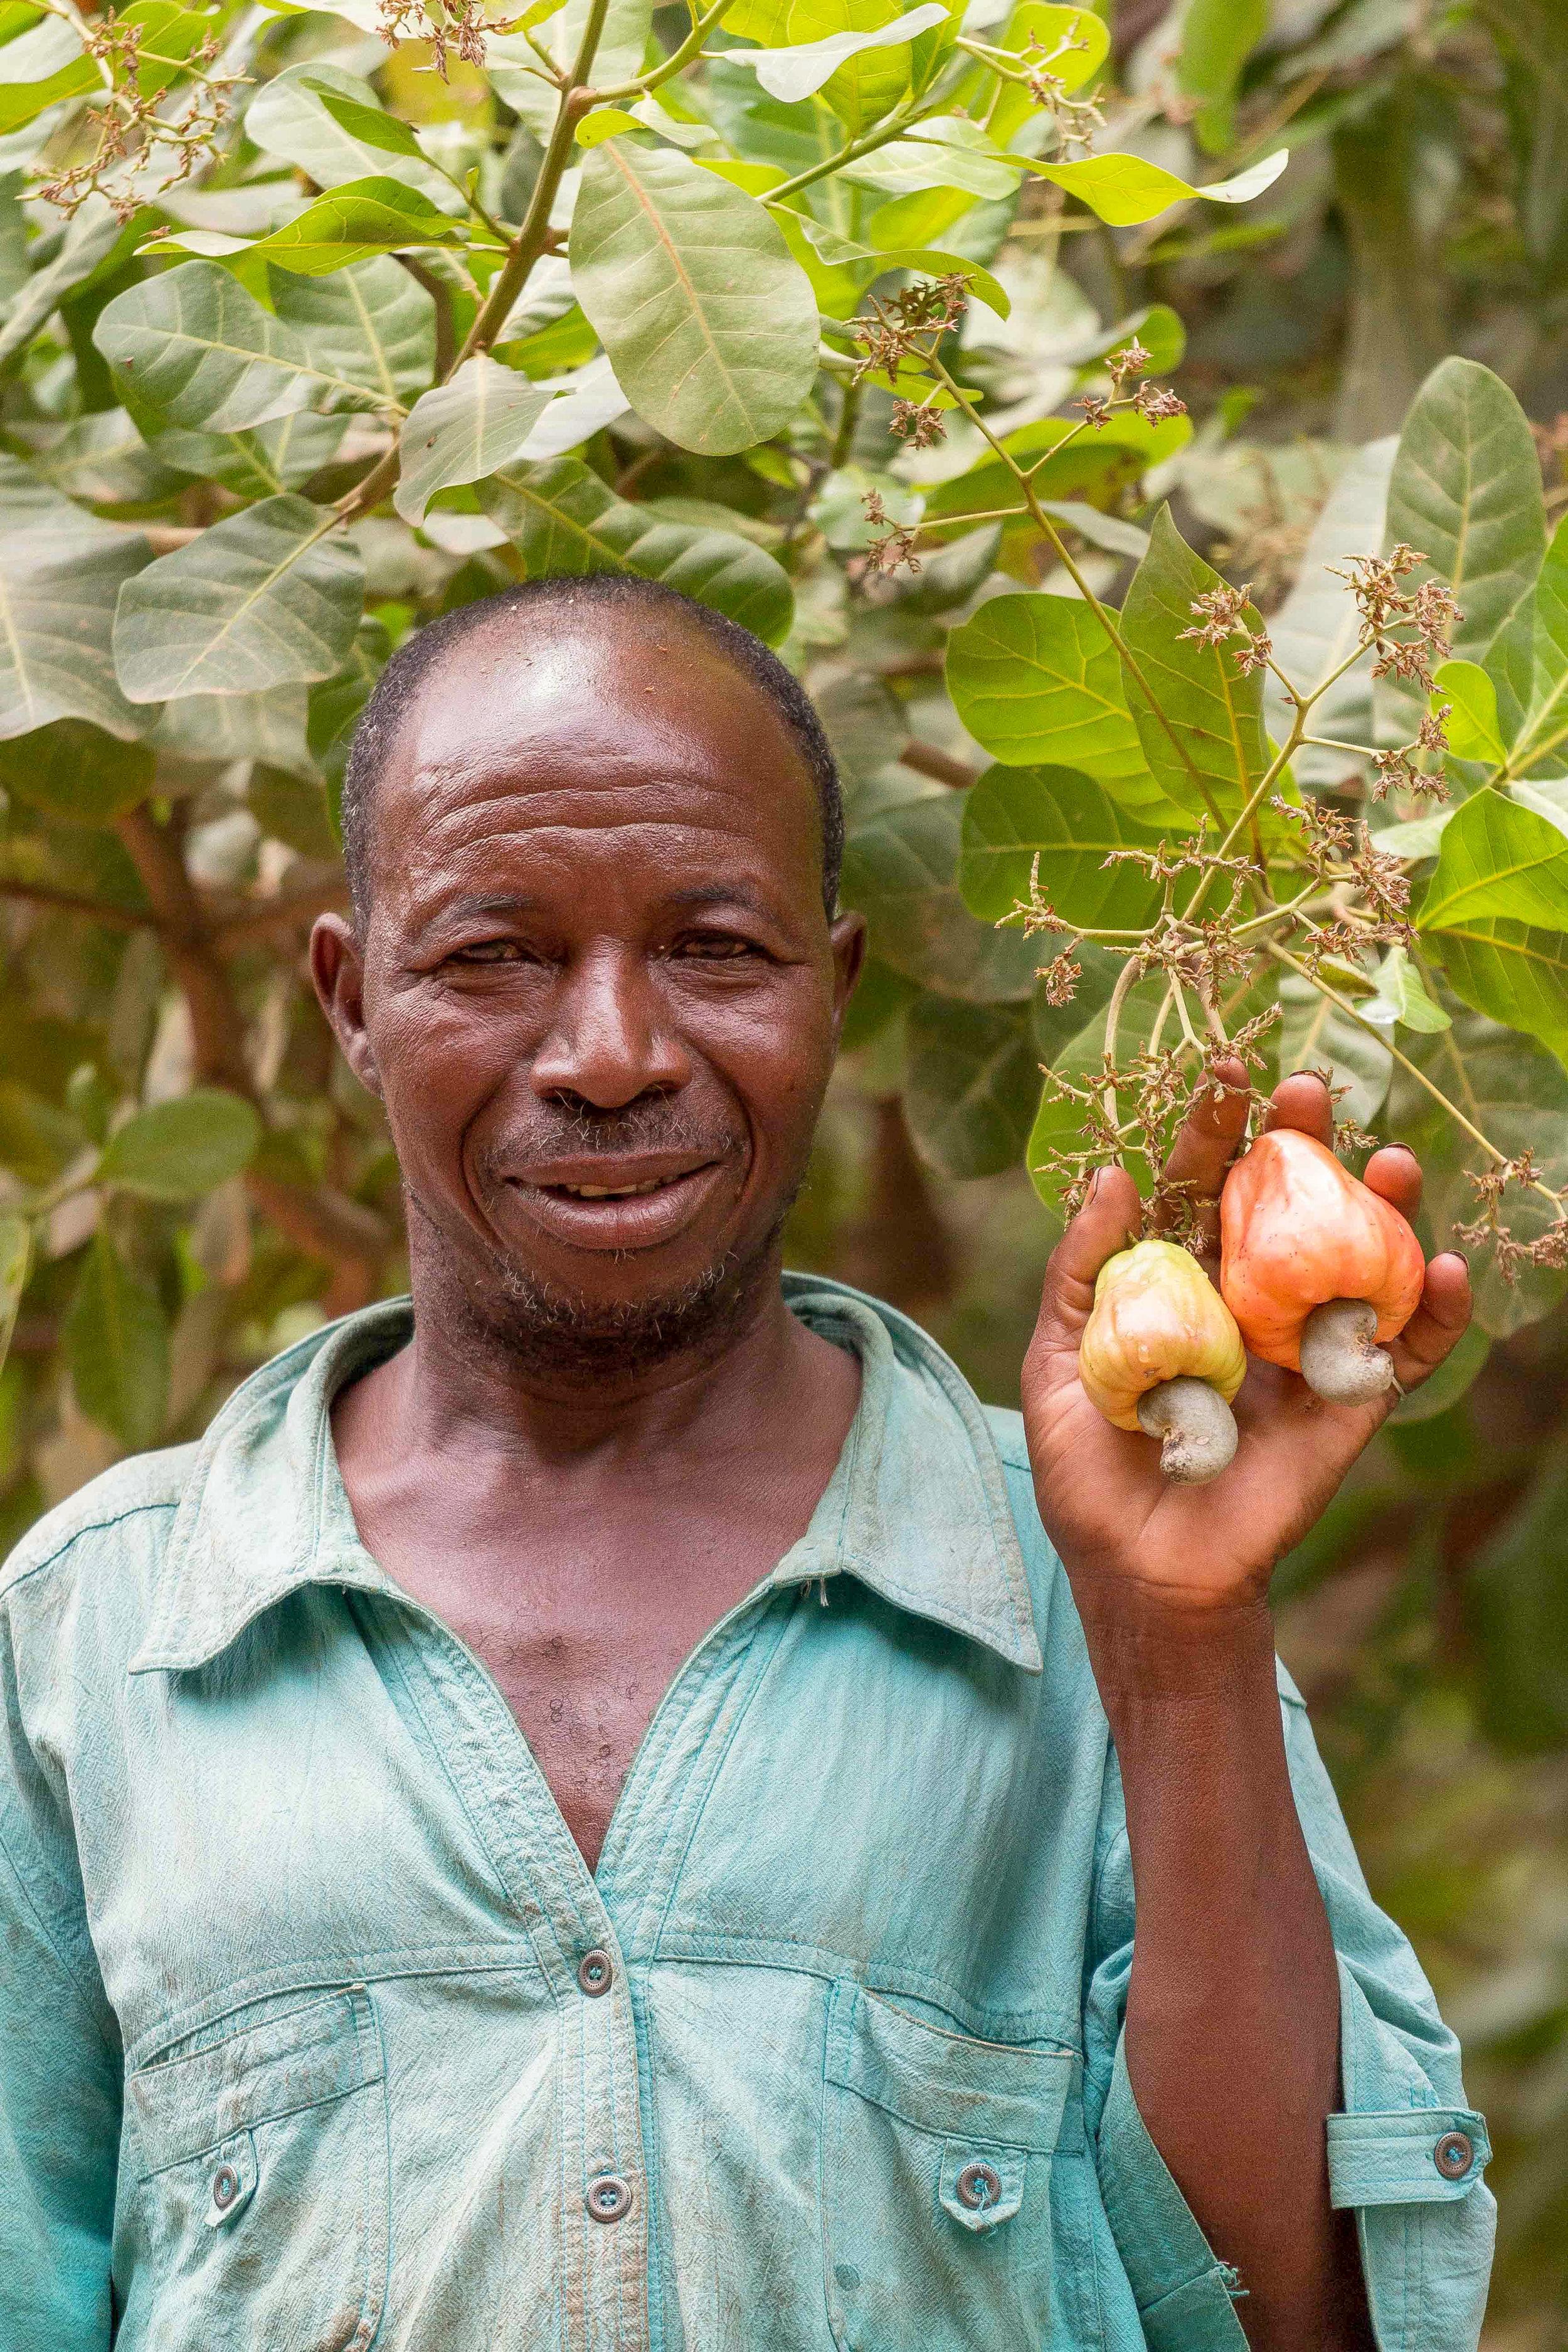 Dag allemaal - Wij zijn Noel, Aliseta, Zalisa, Fatao, Farimata, Moise en Kabre. Met zo'n 900 andere collega's werken we bij Anatrans SRL, hier in Bobo in Burkina Faso. We verwerken lokaal de cashew van de boeren in de omgeving. Da's op zich best bijzonder als je de cashewketen een beetje kent. De meeste cashew gaat namelijk vanuit hier, onbewerkt, eerst naar Azië. Daar wordt de cashew uit de dop gehaald en gaat dan naar jou in Europa. Gek toch? Wij willen die banen hier in plaats van ontwikkelingshulp en afhankelijkheid van die hulp. Met een echte baan en een normaal inkomen komen wij uit de armoede, kunnen onze kinderen naar school en gaat het vliegwiel aan.Hier in de buurt zijn nog heel veel mogelijkheden om banen te creëren, en wel op zo een manier dat het inkomen van boeren hier omhoog gaat, minder voedsel verspilt wordt én ons (en dus ook jouw) milieu minder wordt belast. Dat willen we samen met jullie en Yespers oppakken.Want wist je bijvoorbeeld het volgende?